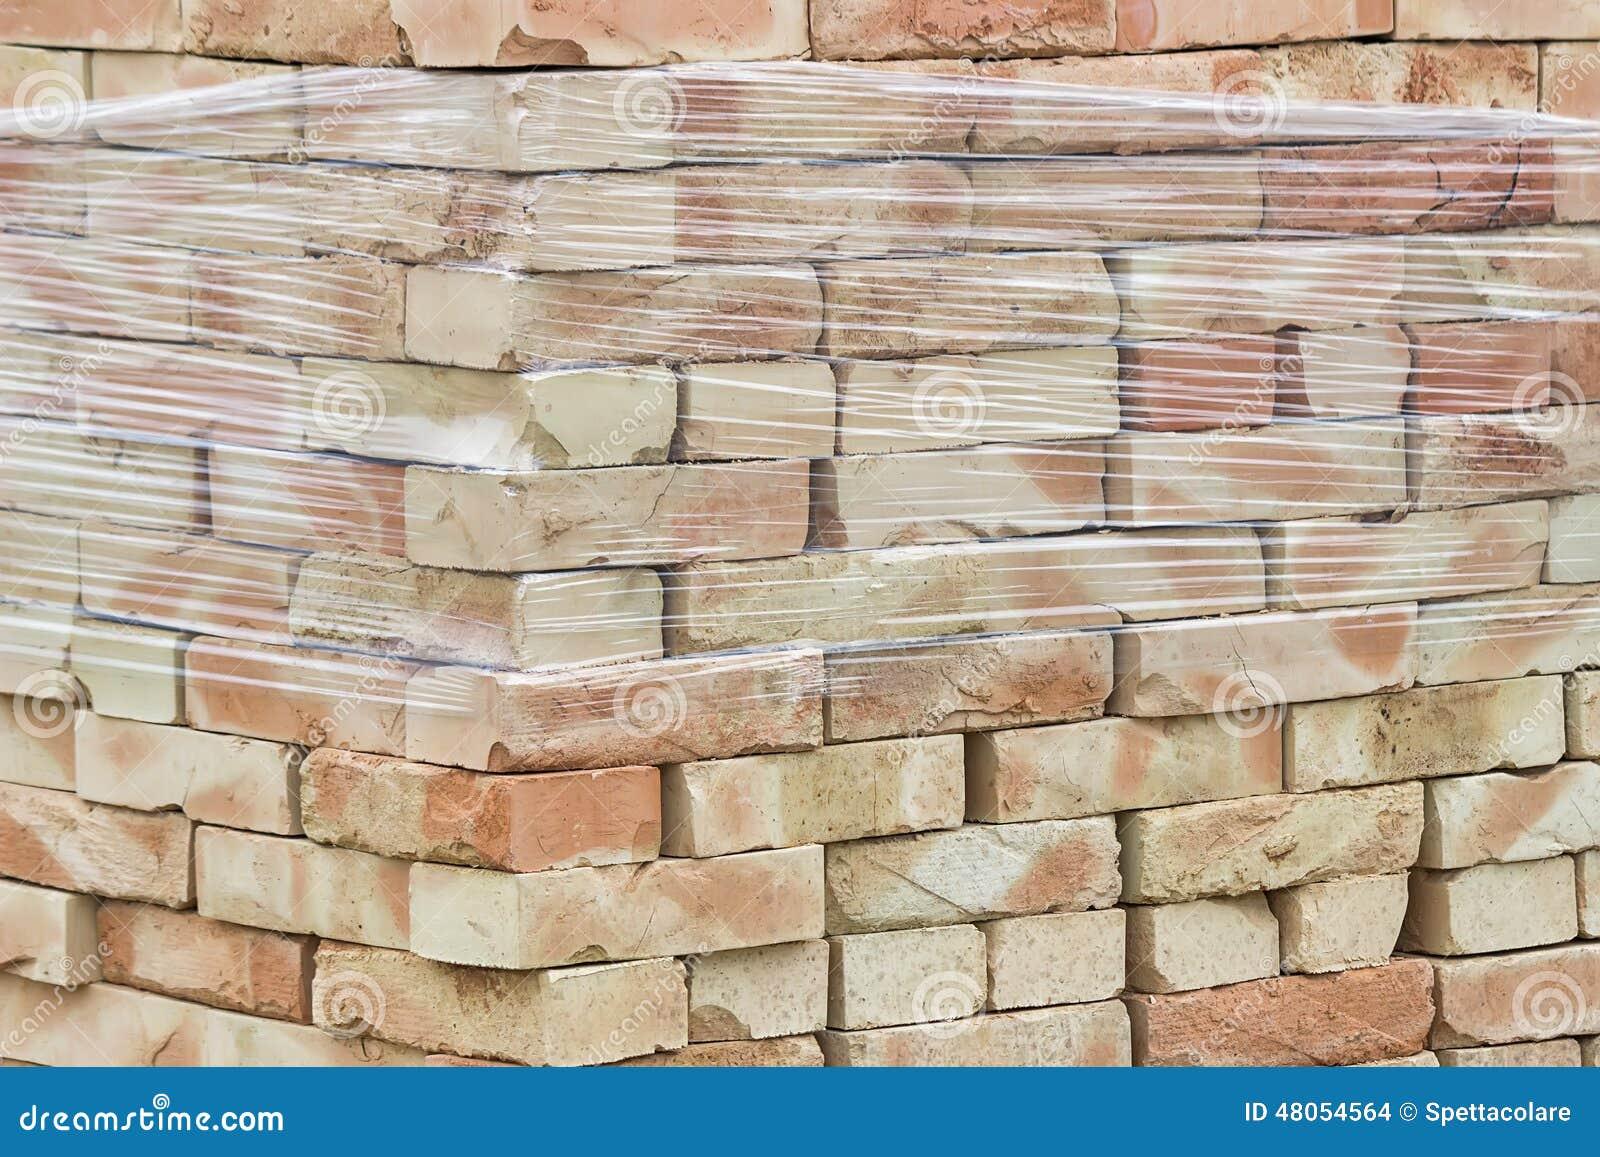 palette des briques jaunes d 39 argile empil es sans mortier photo stock image 48054564. Black Bedroom Furniture Sets. Home Design Ideas